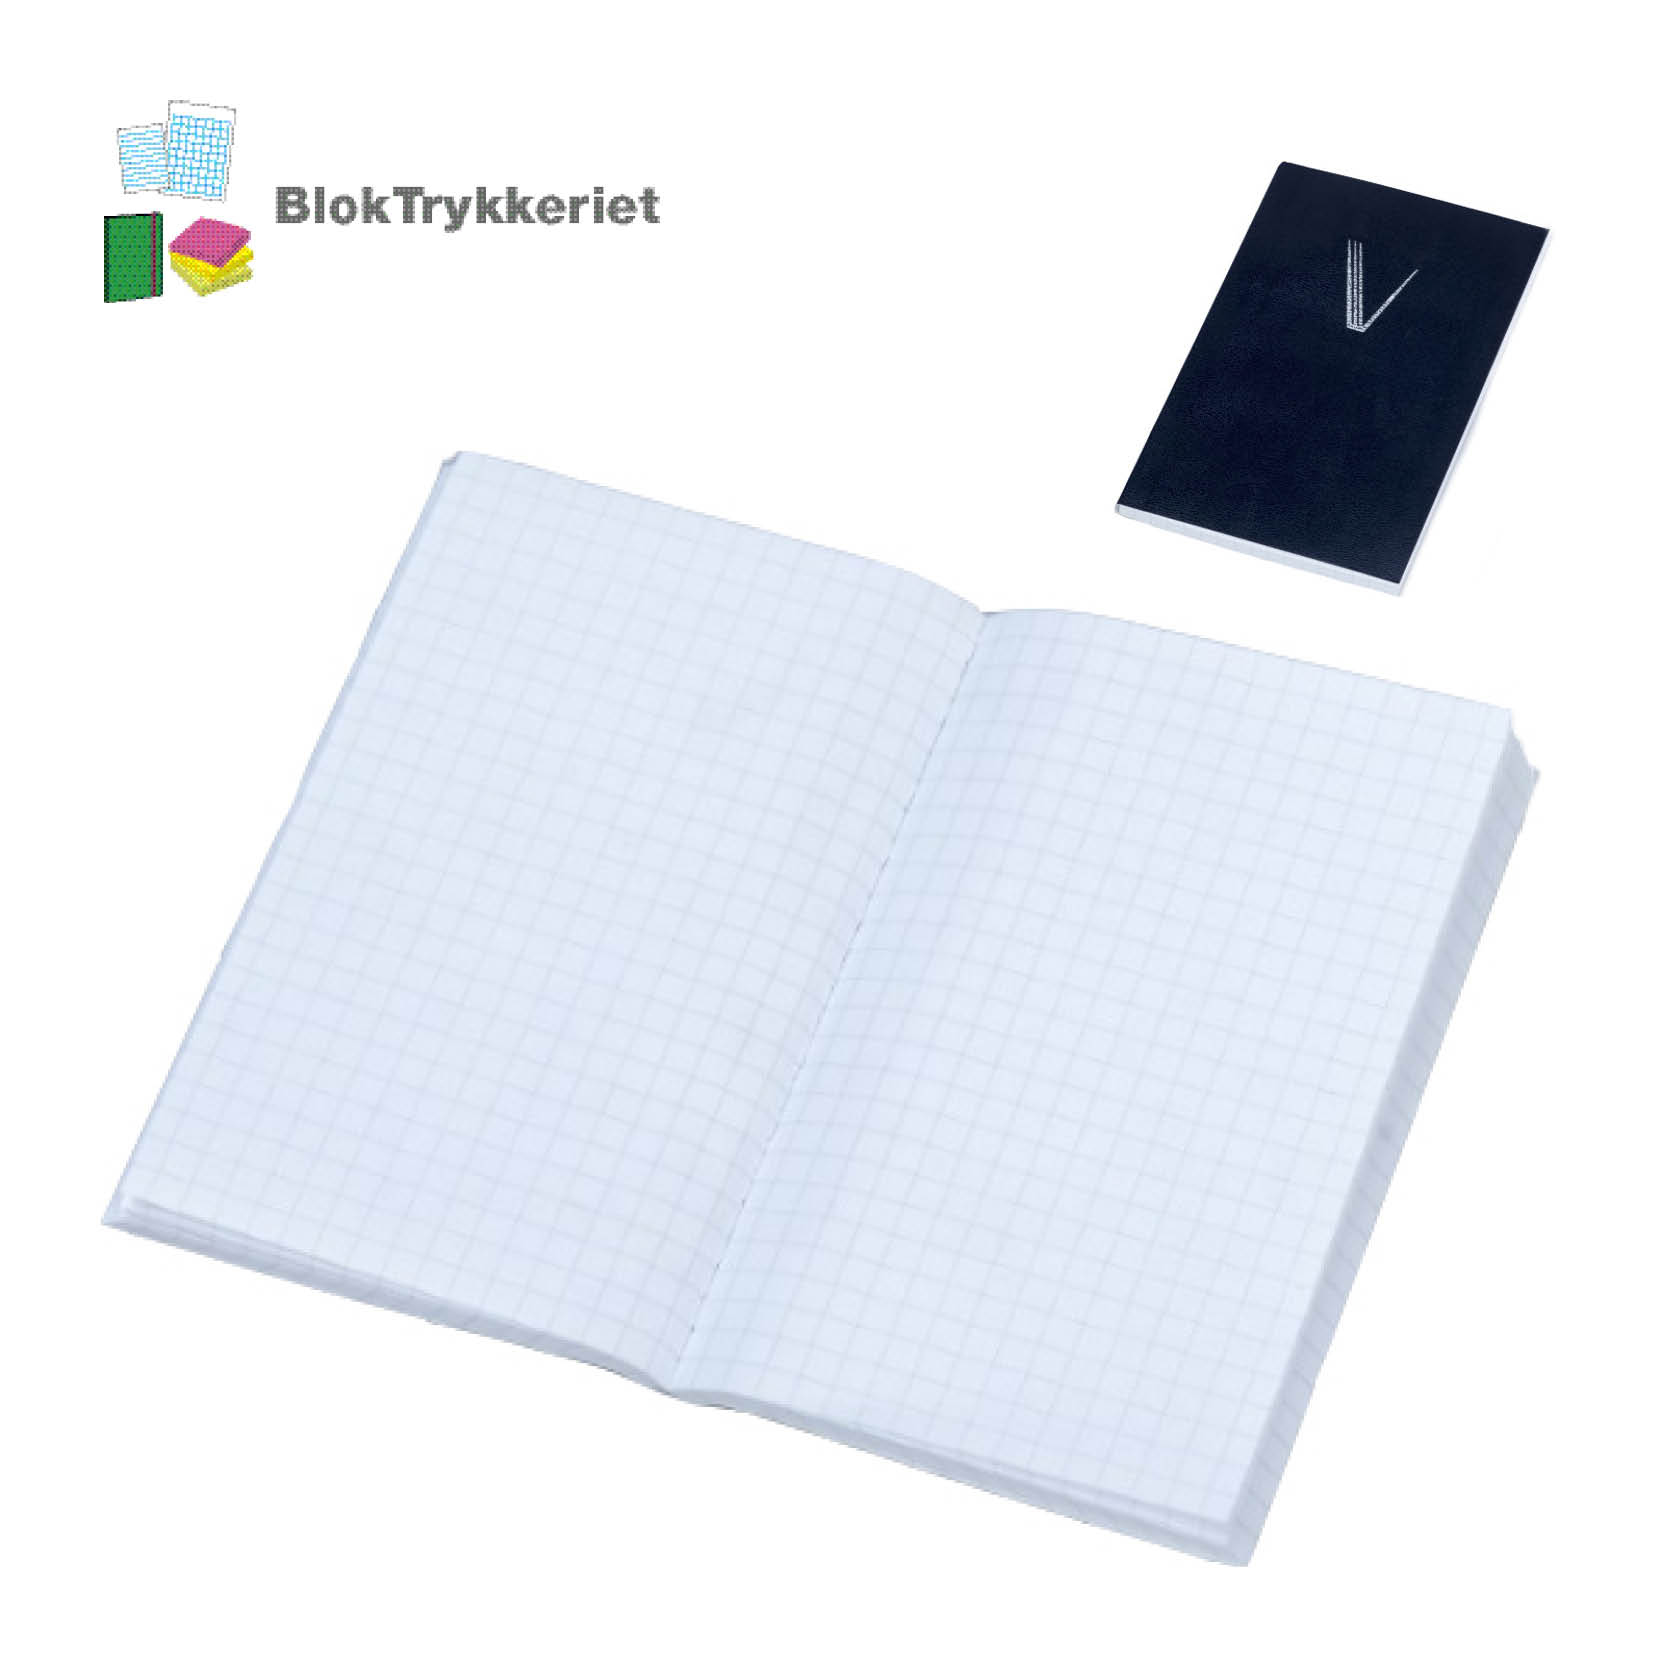 Notesbog med blødt omslag. BlokTrykkeriet.dk